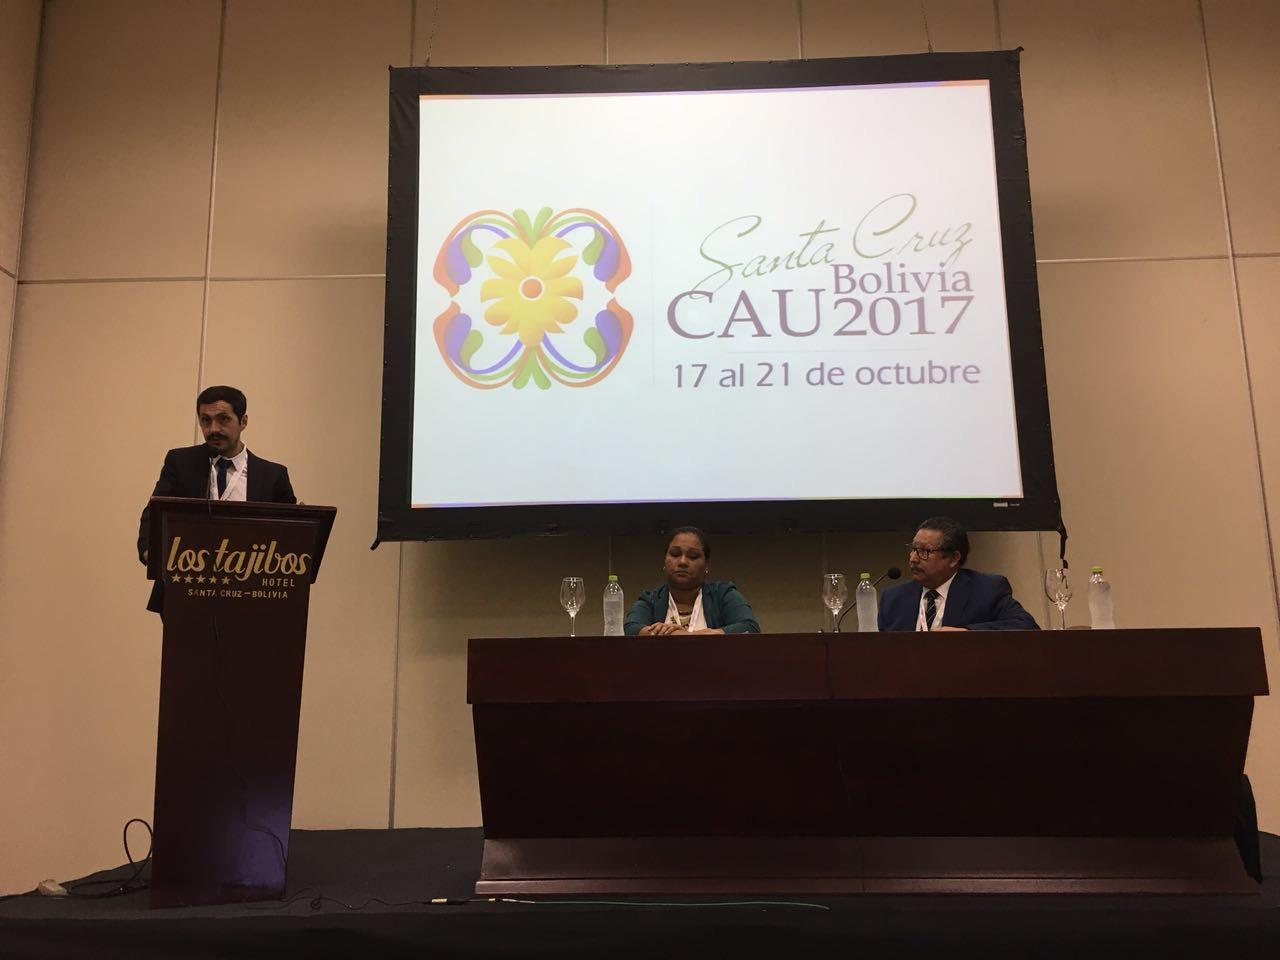 Especialista del HPH logró destacada participación en Congreso Internacional de Urología